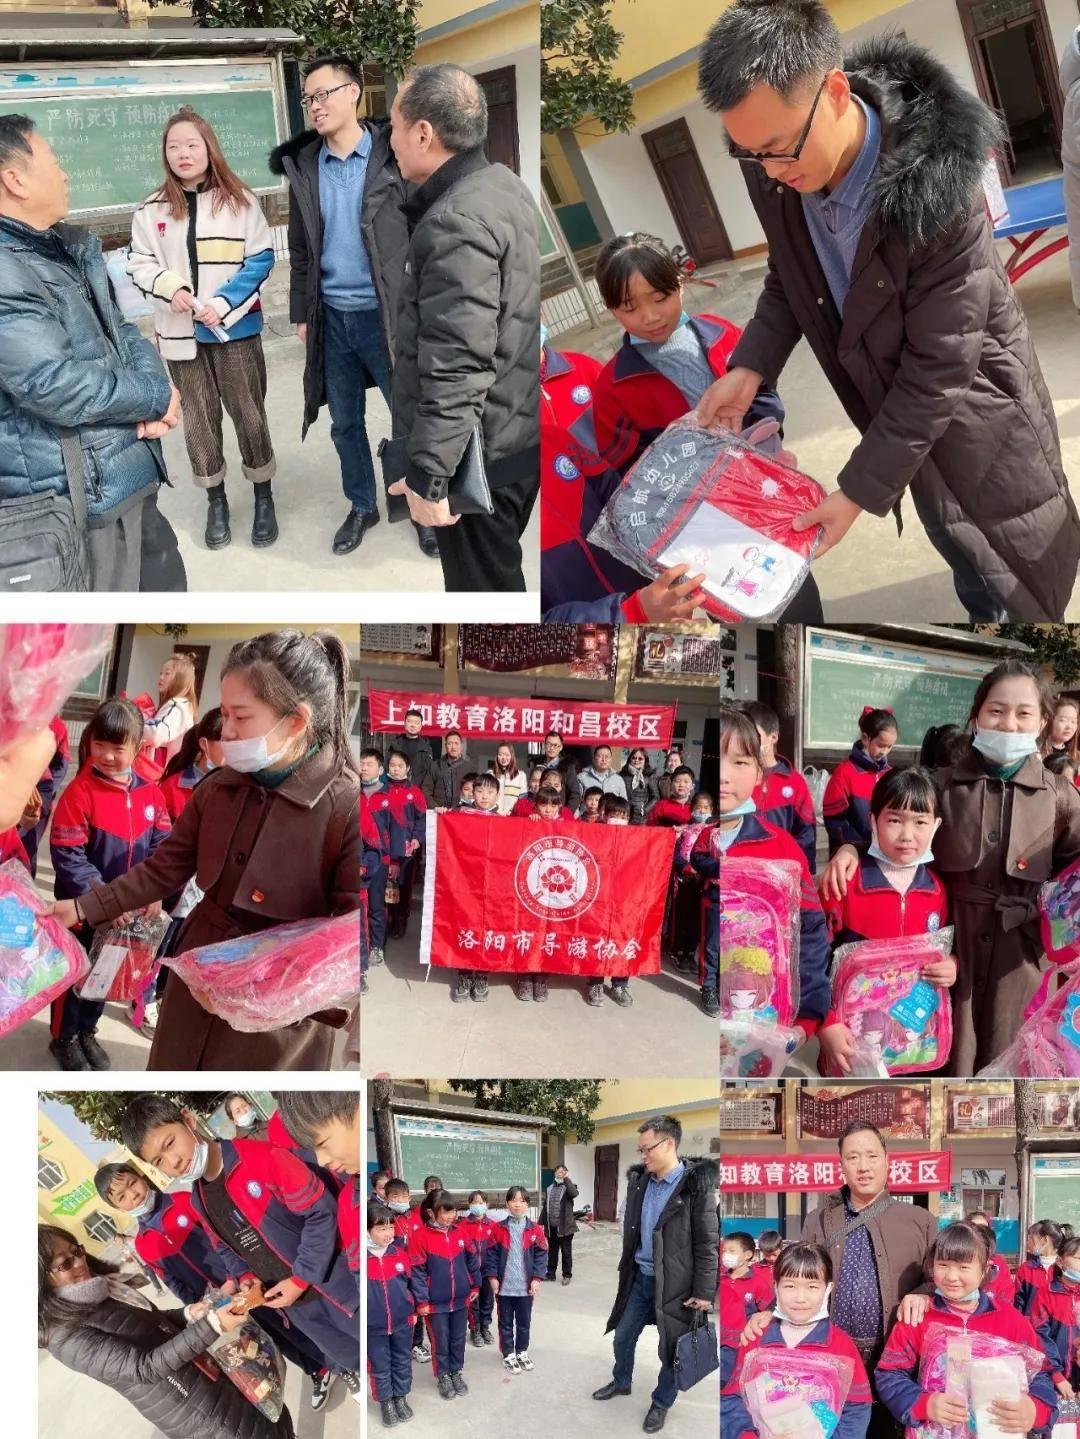 洛阳市导游协会一众到嵩县大坪乡东元头小学,开展爱心扶贫活动